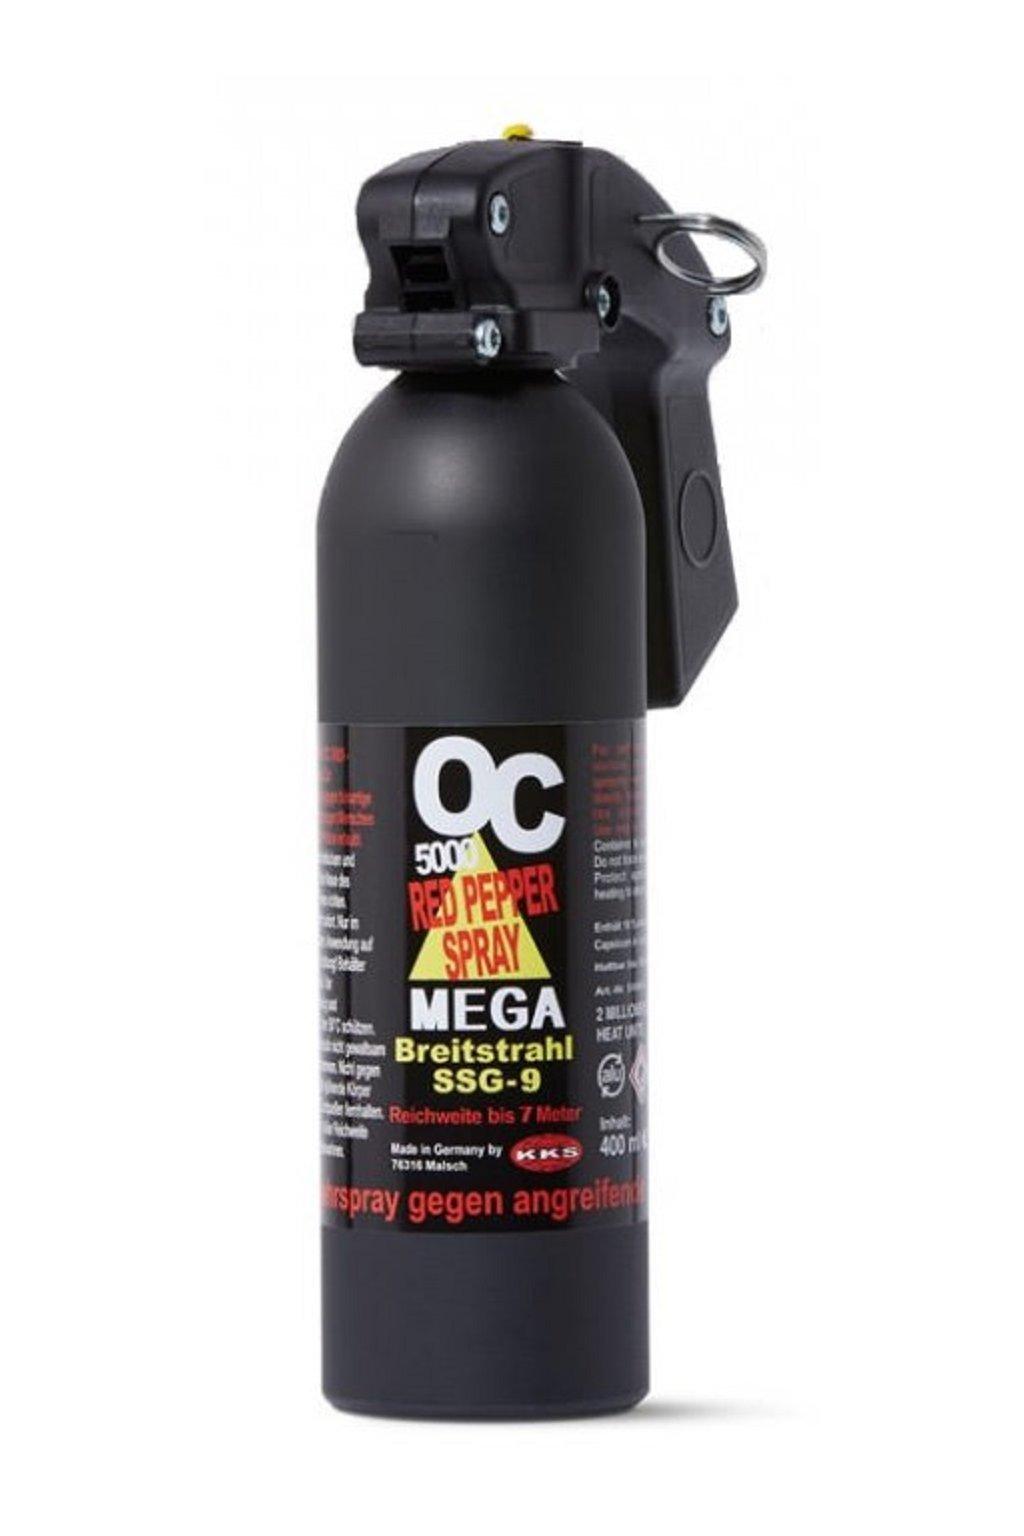 Gaz pieprzowy OC 5000 400 ML